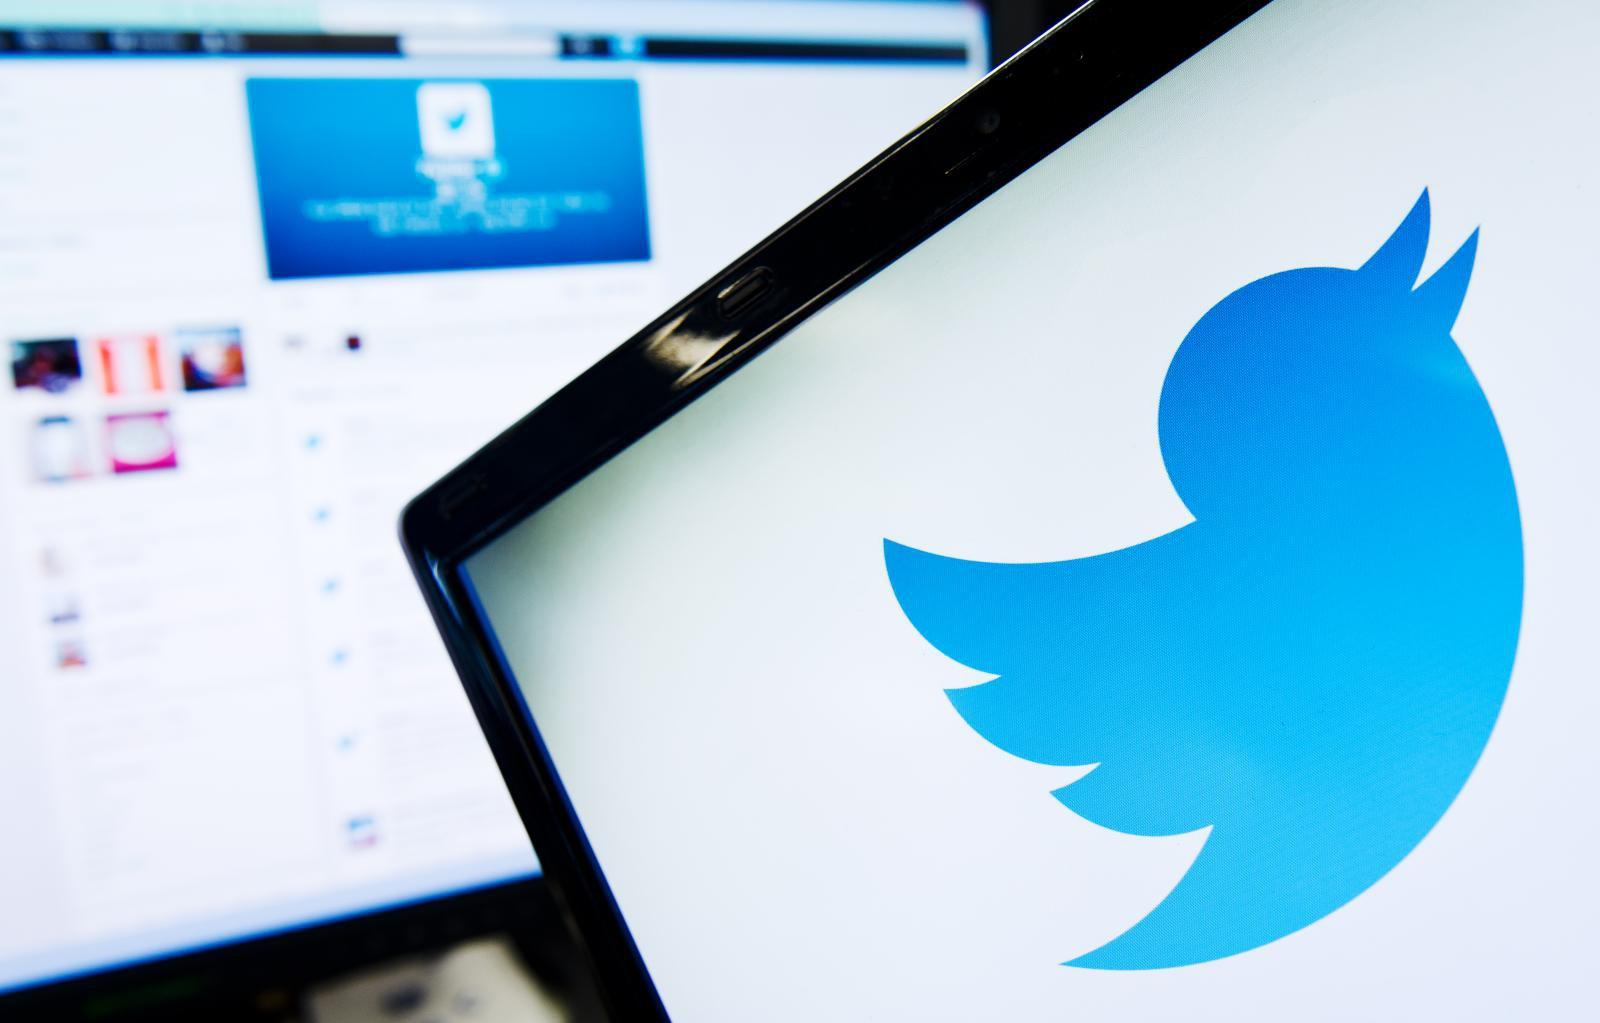 ทวิตเตอร์ ยัน ไม่มีนโยบายบล็อกบัญชีผู้ใช้ของผู้นำโลก